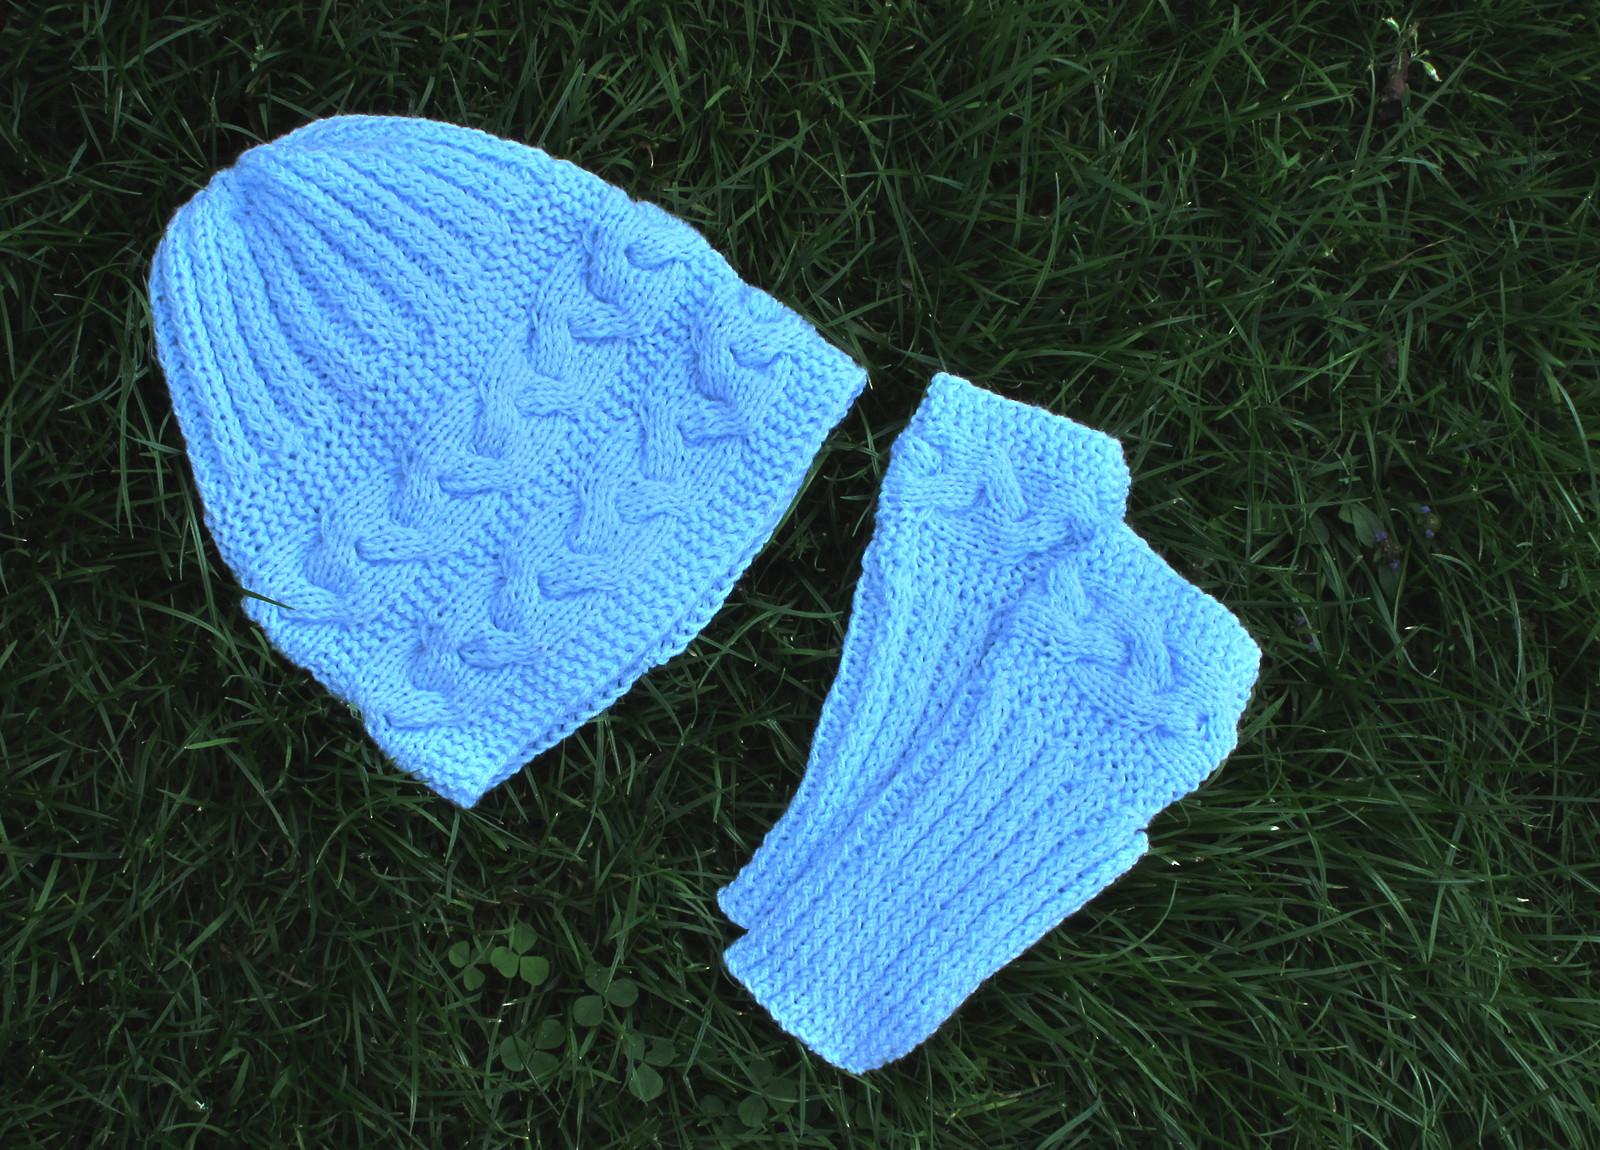 fc9dba3c00f Čepice + návleky na ruce - komplet   Zboží prodejce ruční pletení ...